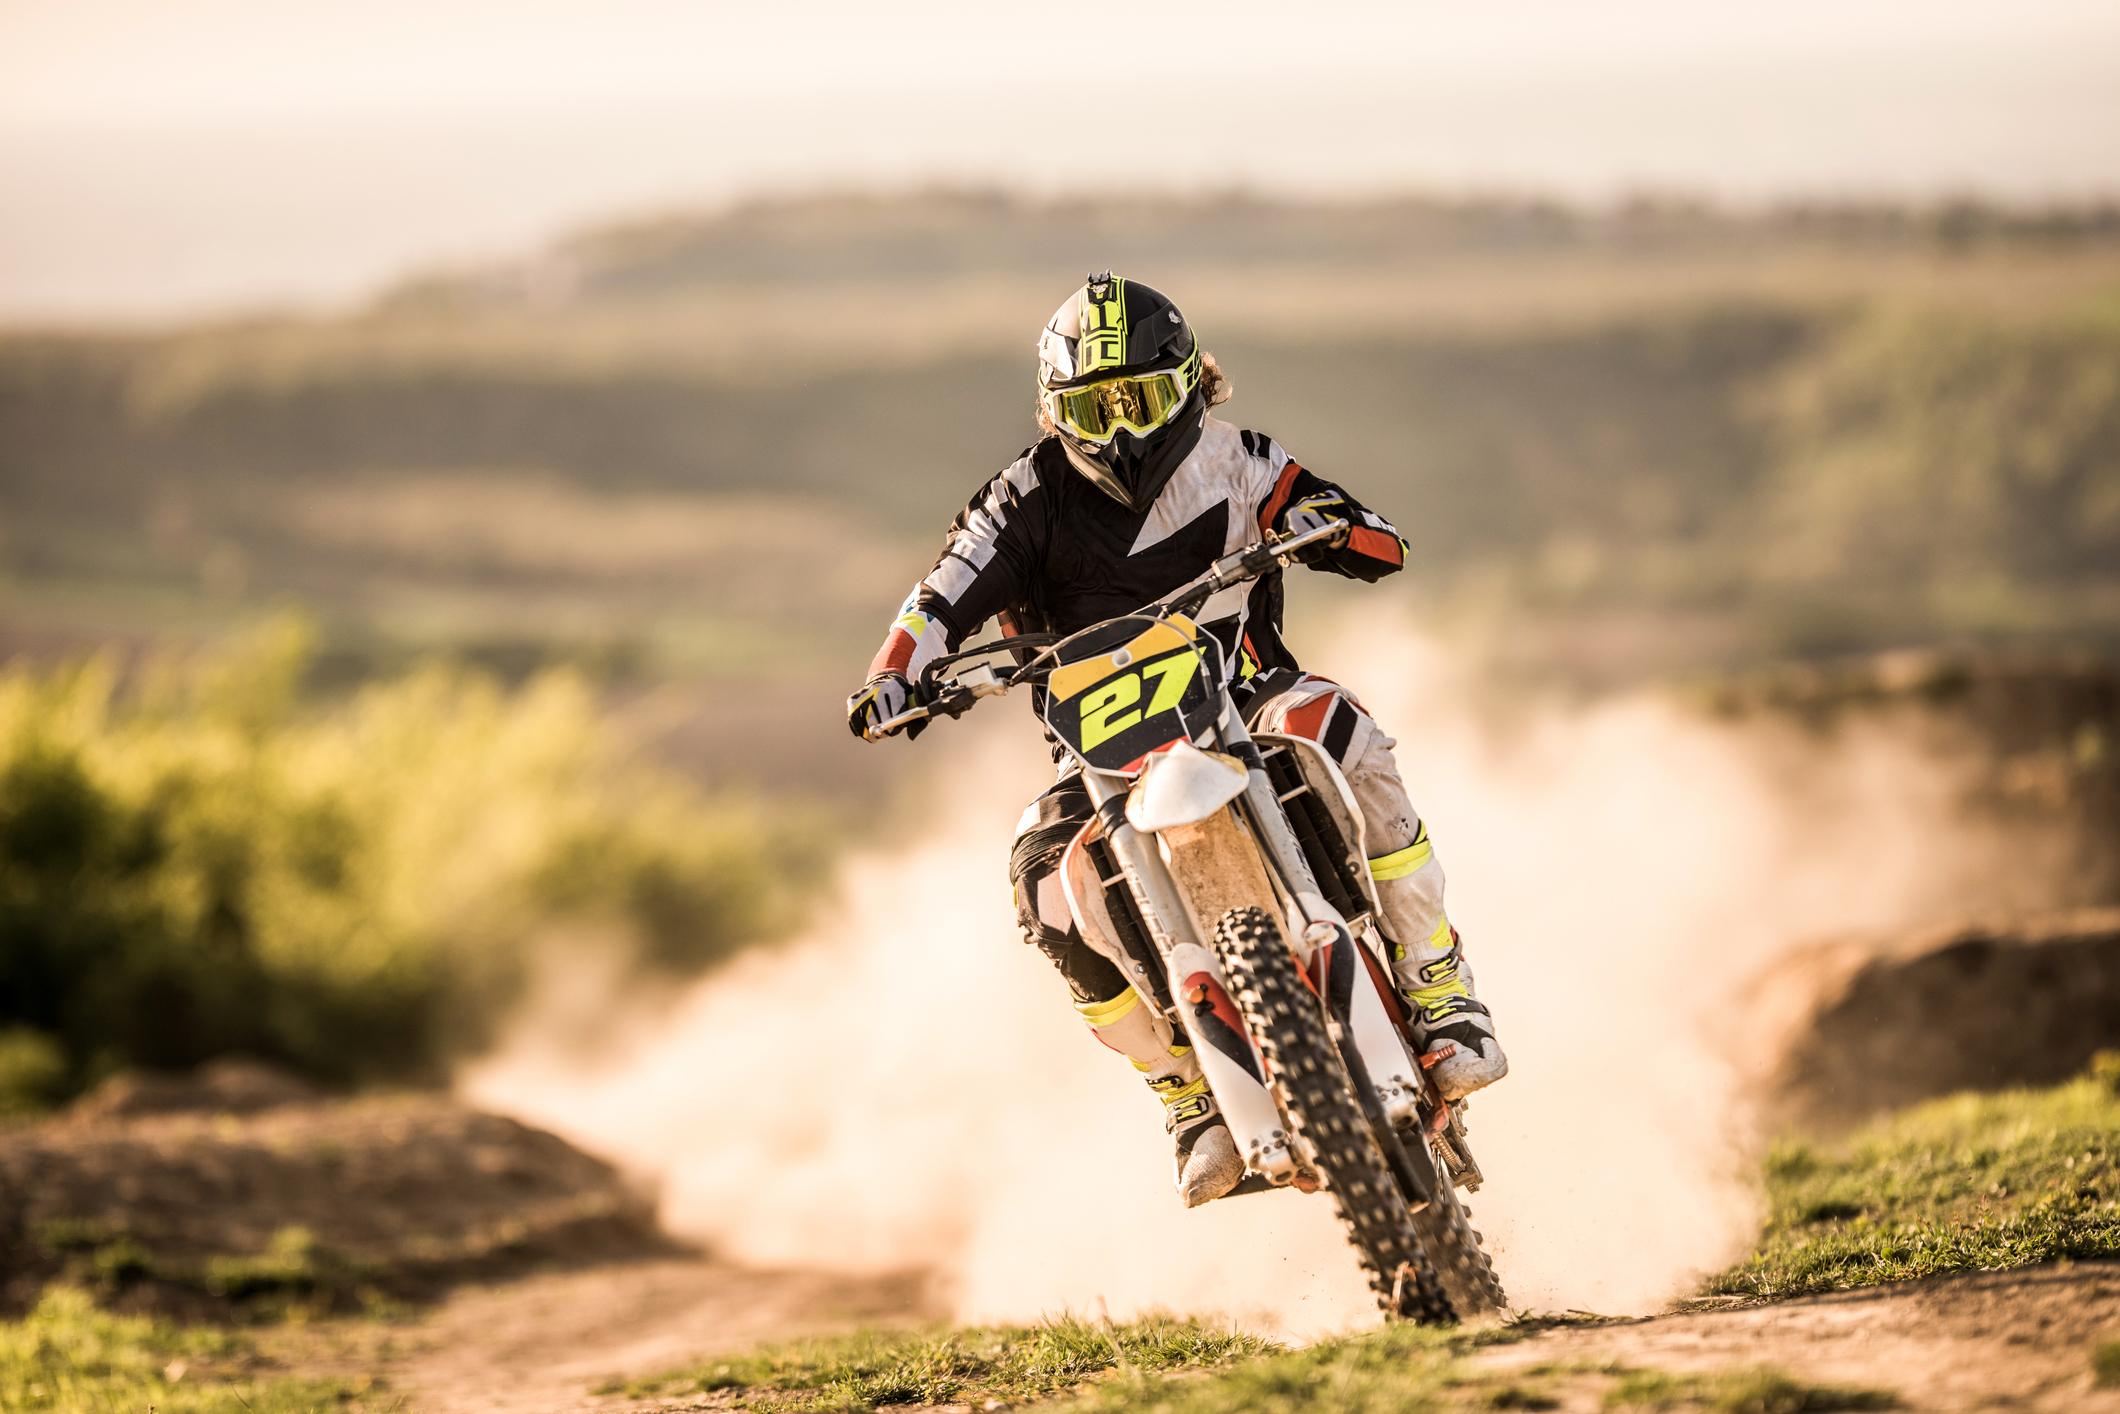 Motoryckelkörning som sport